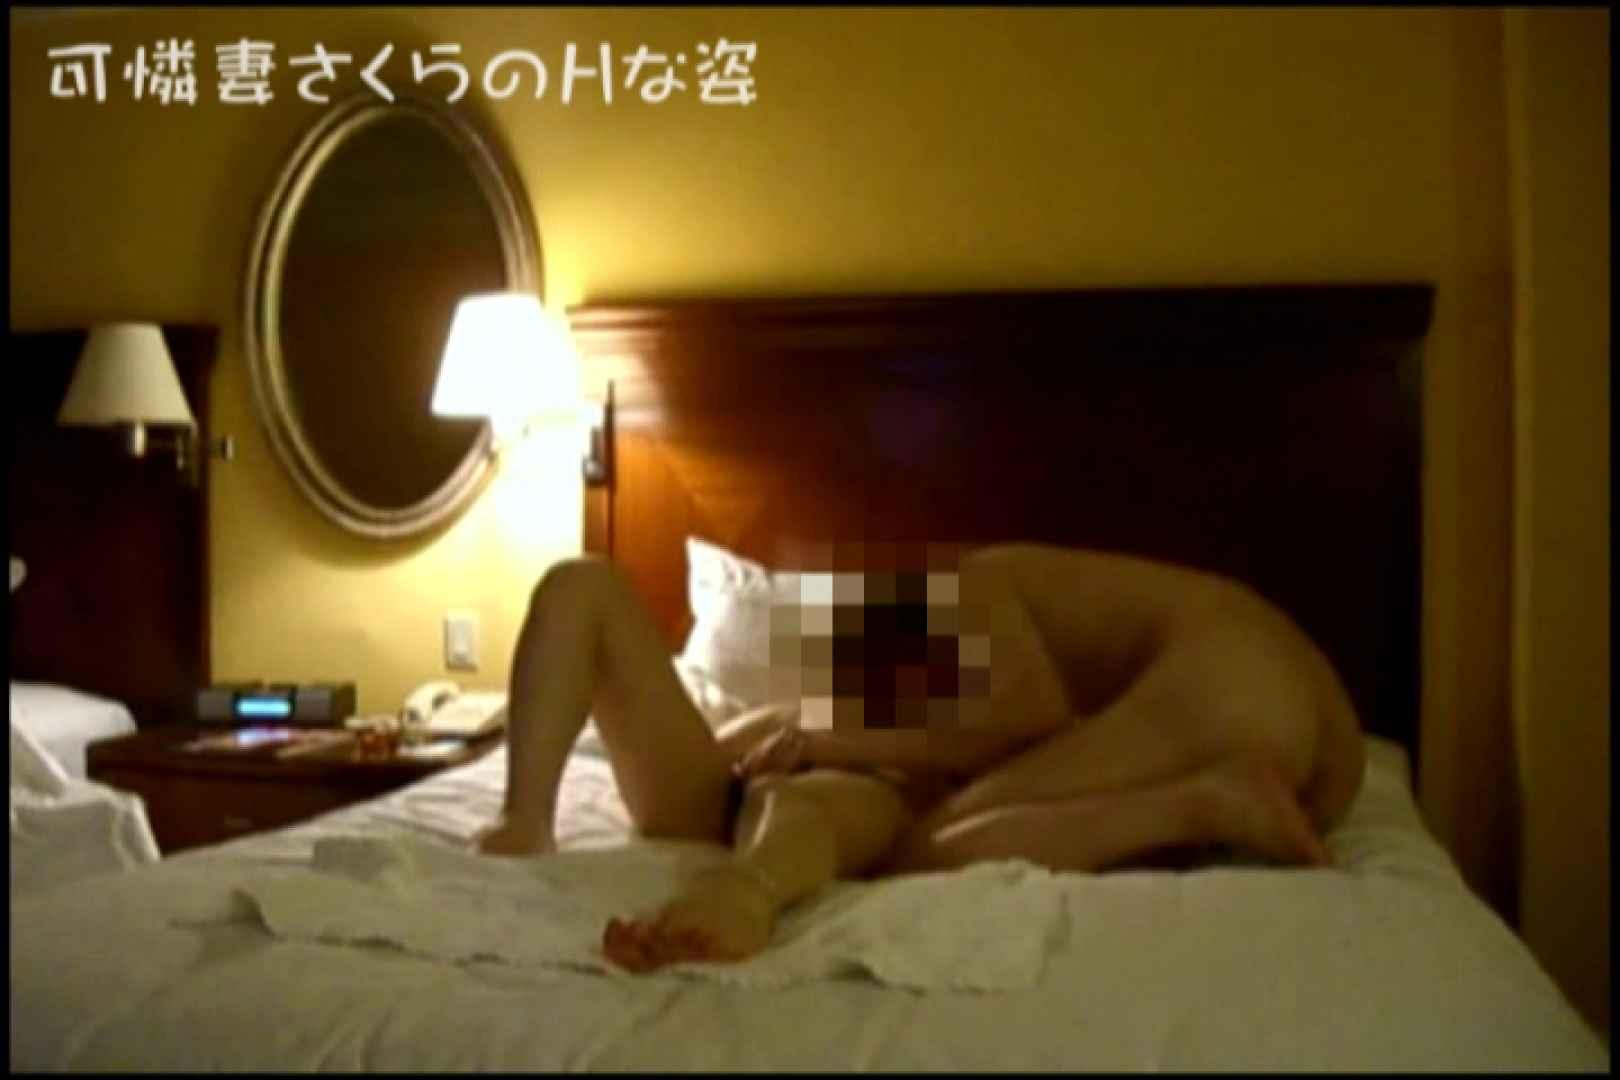 可憐妻さくらのHな姿vol.8 セックス映像 ぱこり動画紹介 105pic 7